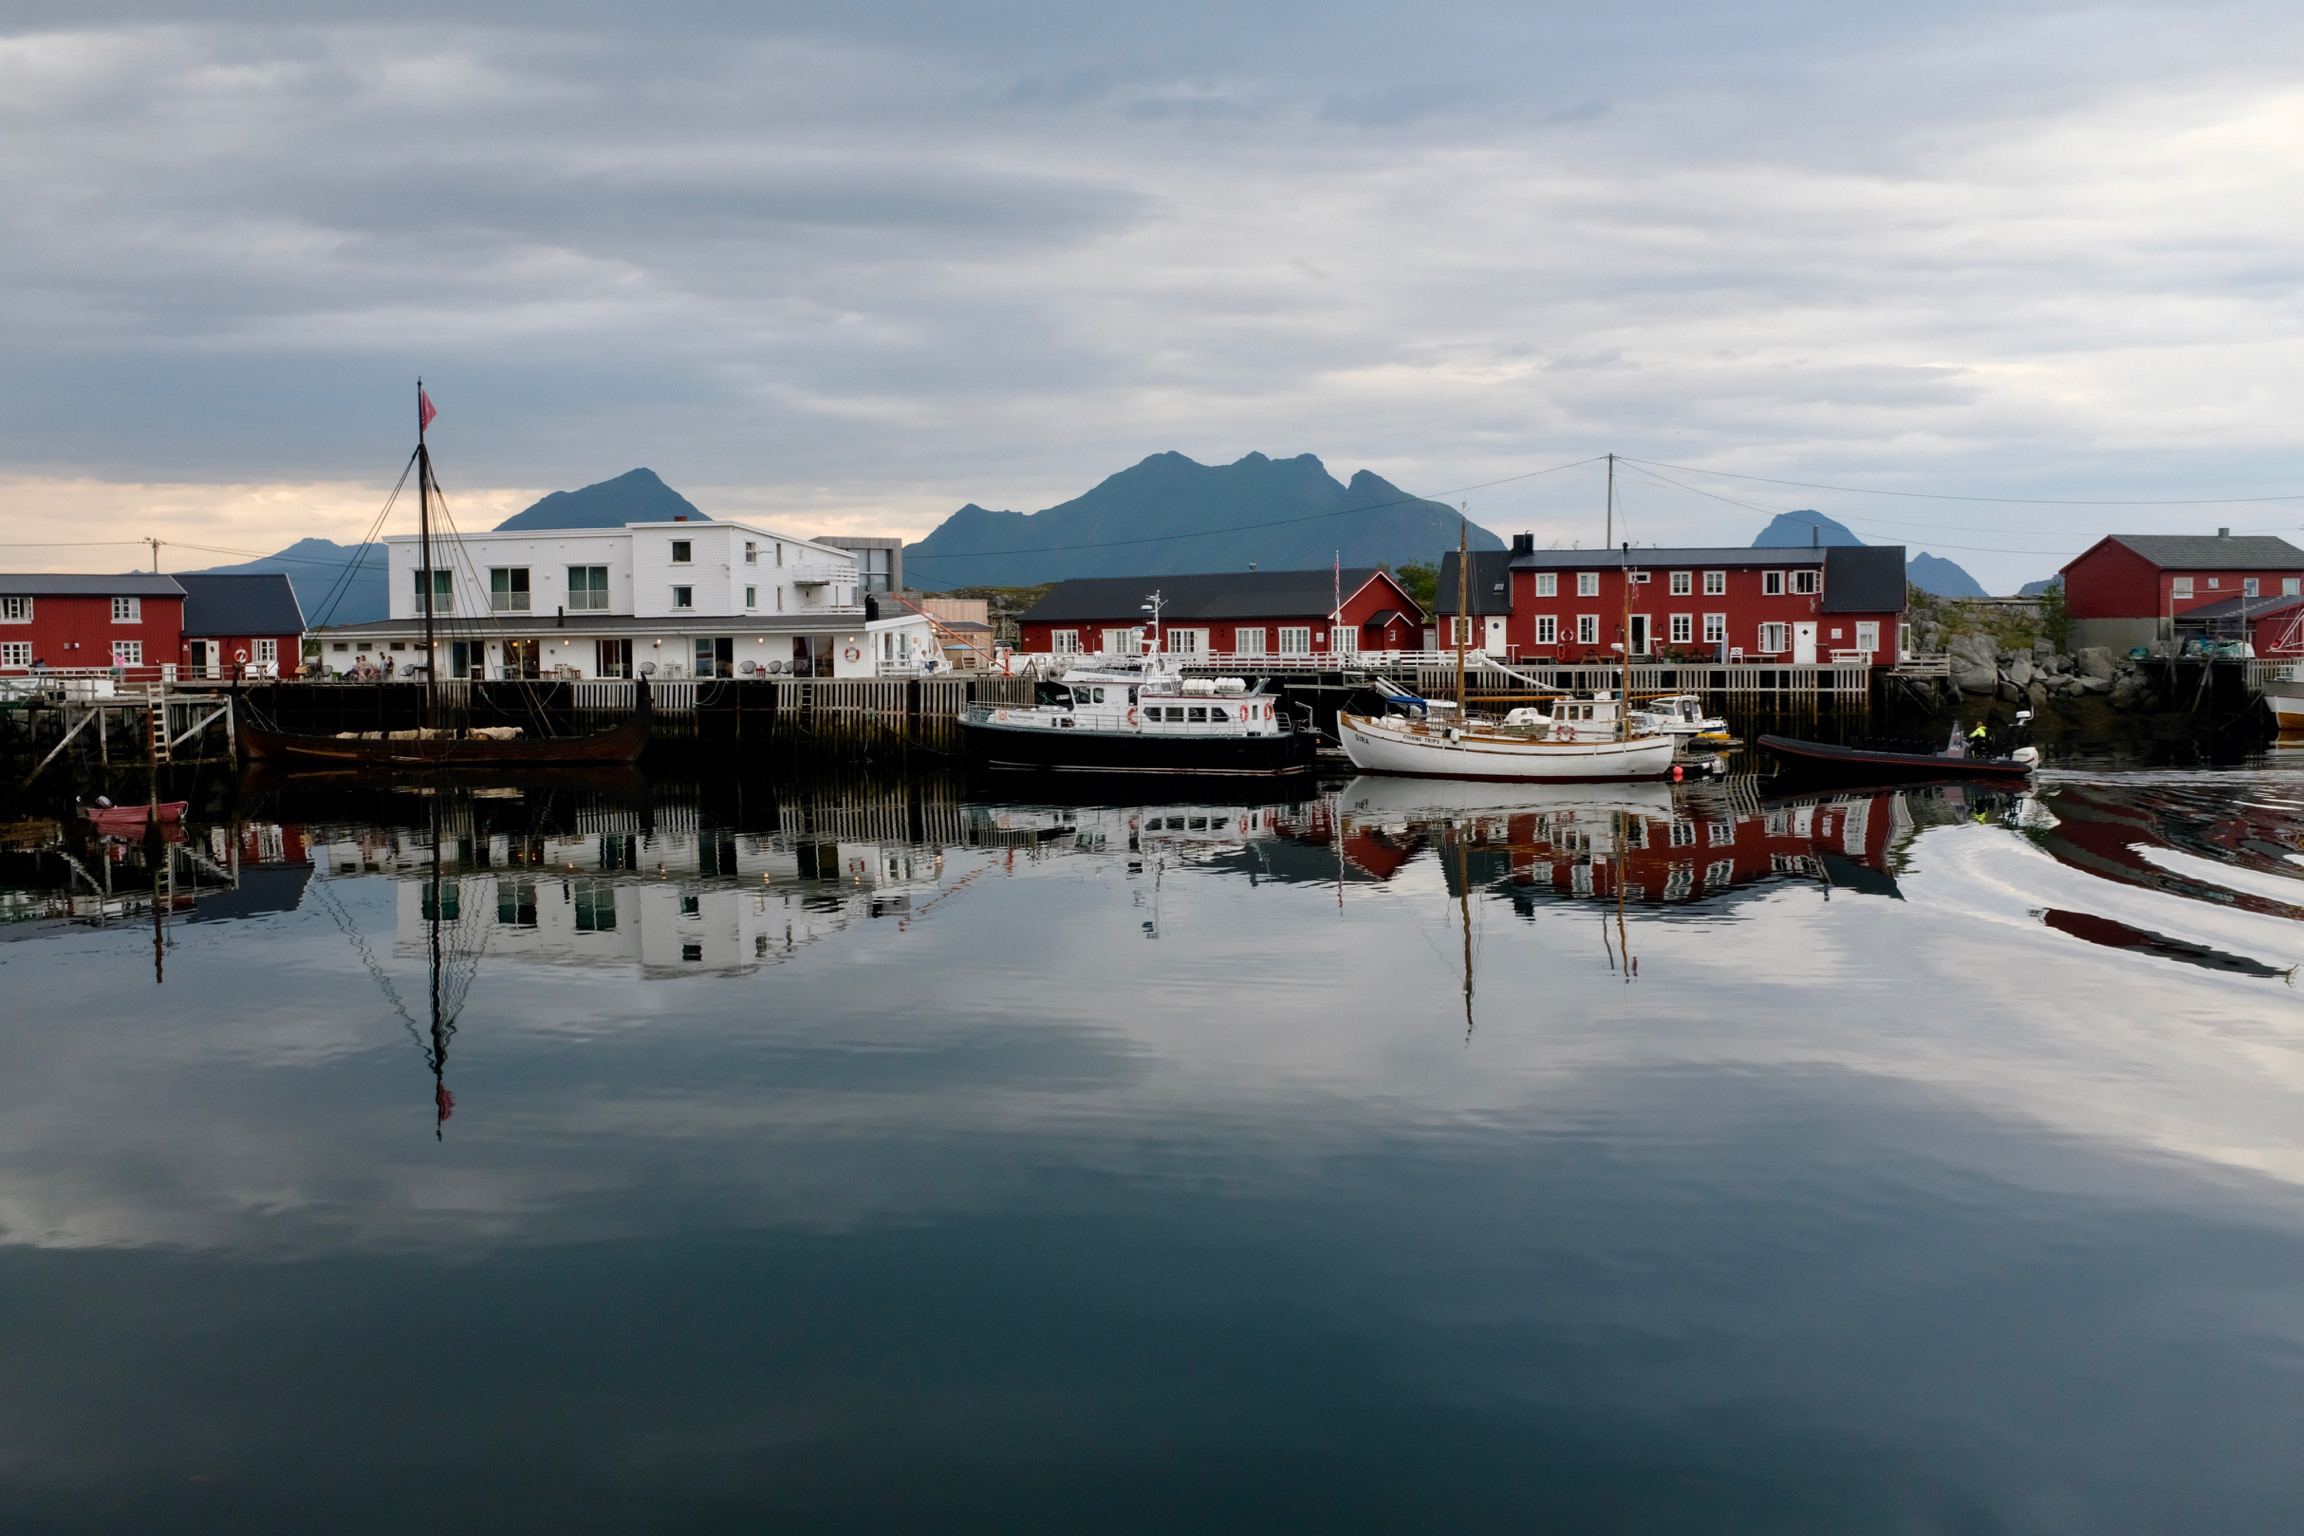 Lofoten Norwegen Reisetipps und konkrete Infos zu der Inselgruppe. Beate Finken Bloggerin bei BeFifty. Die schönsten Plätze in Norwegen / Lofoten. Hattvika Lodge Ballstad